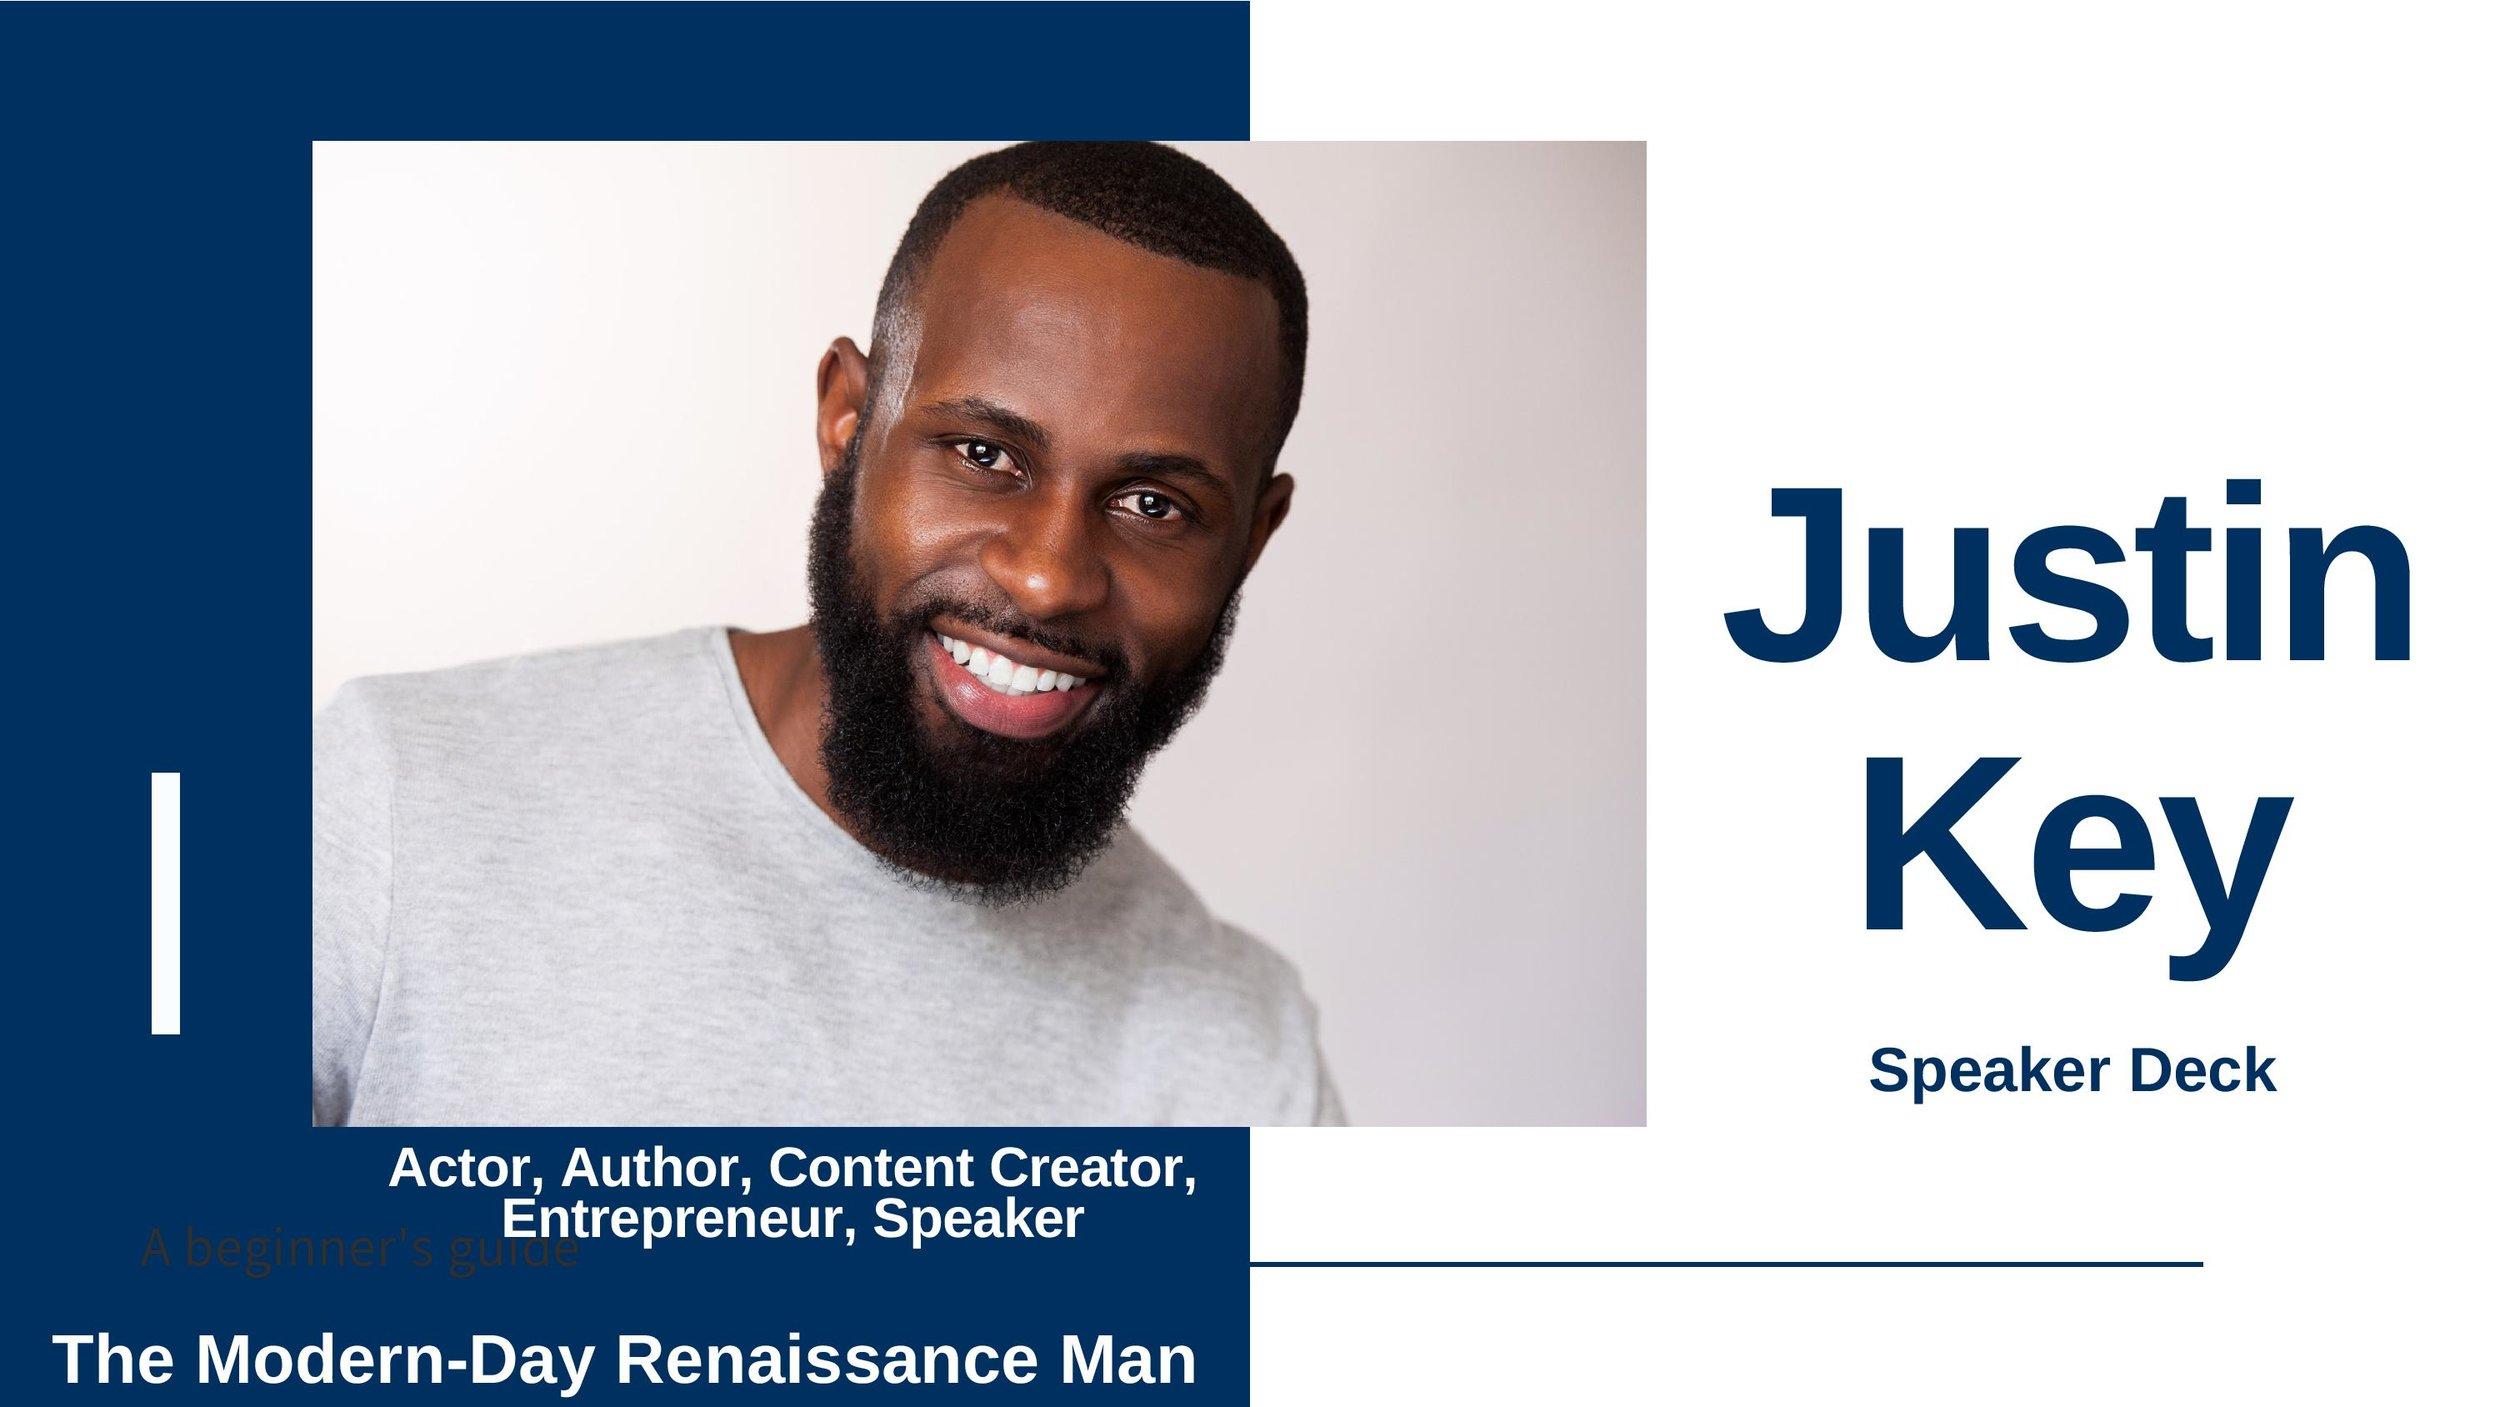 Justin Key Speaker Deck-page-001 (2).jpg